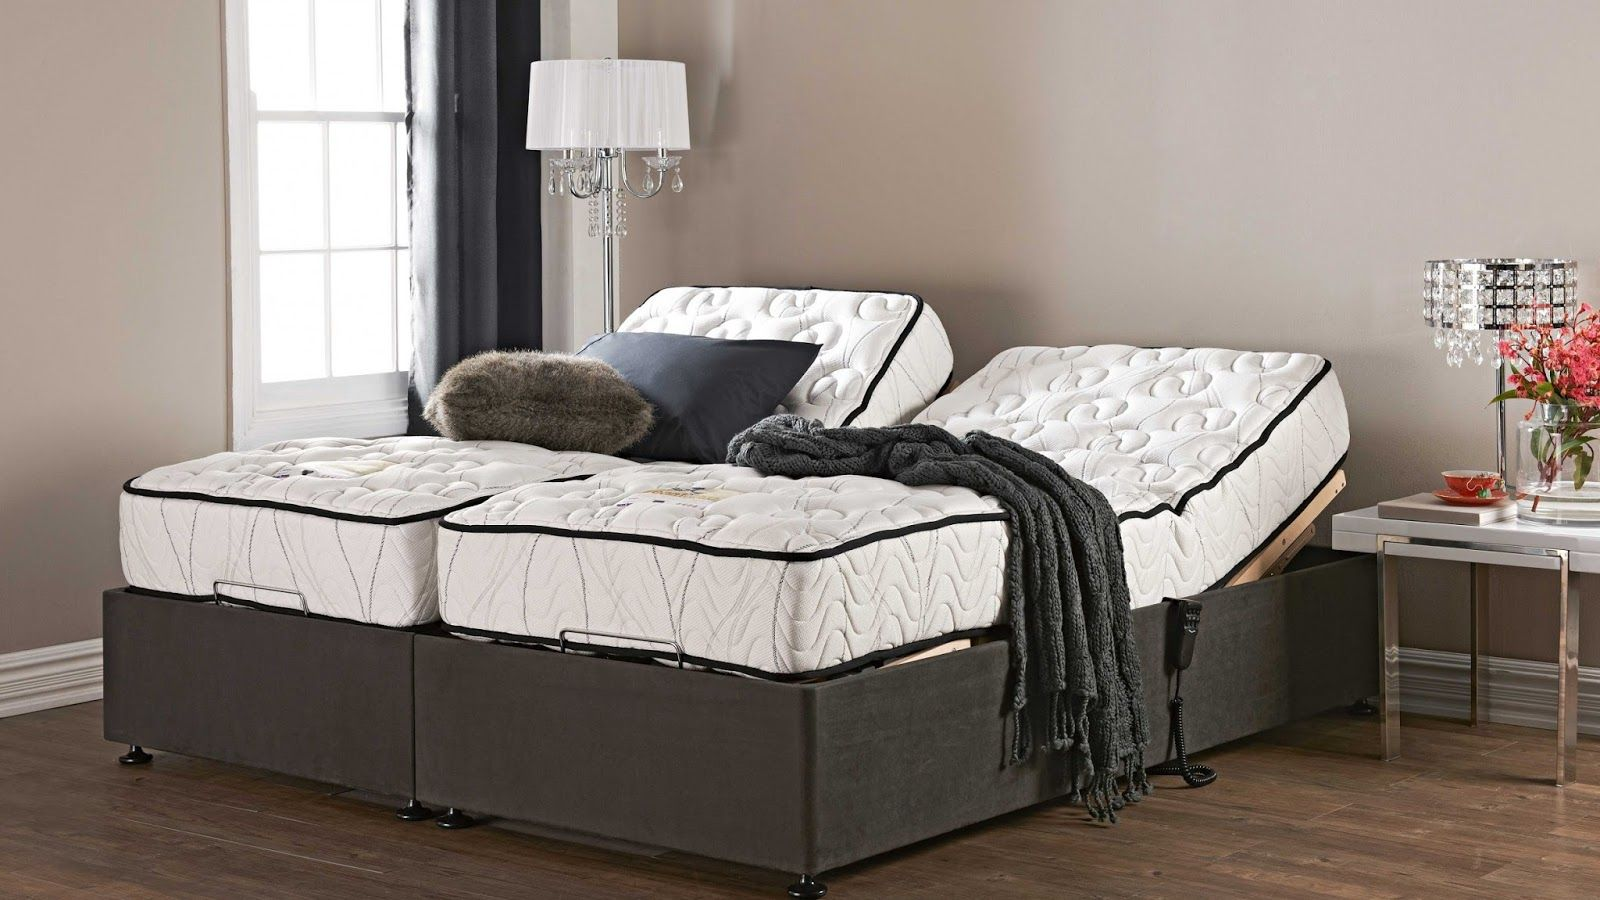 King Bed Frame For Adjustable Beds Adjustable Bed Frame